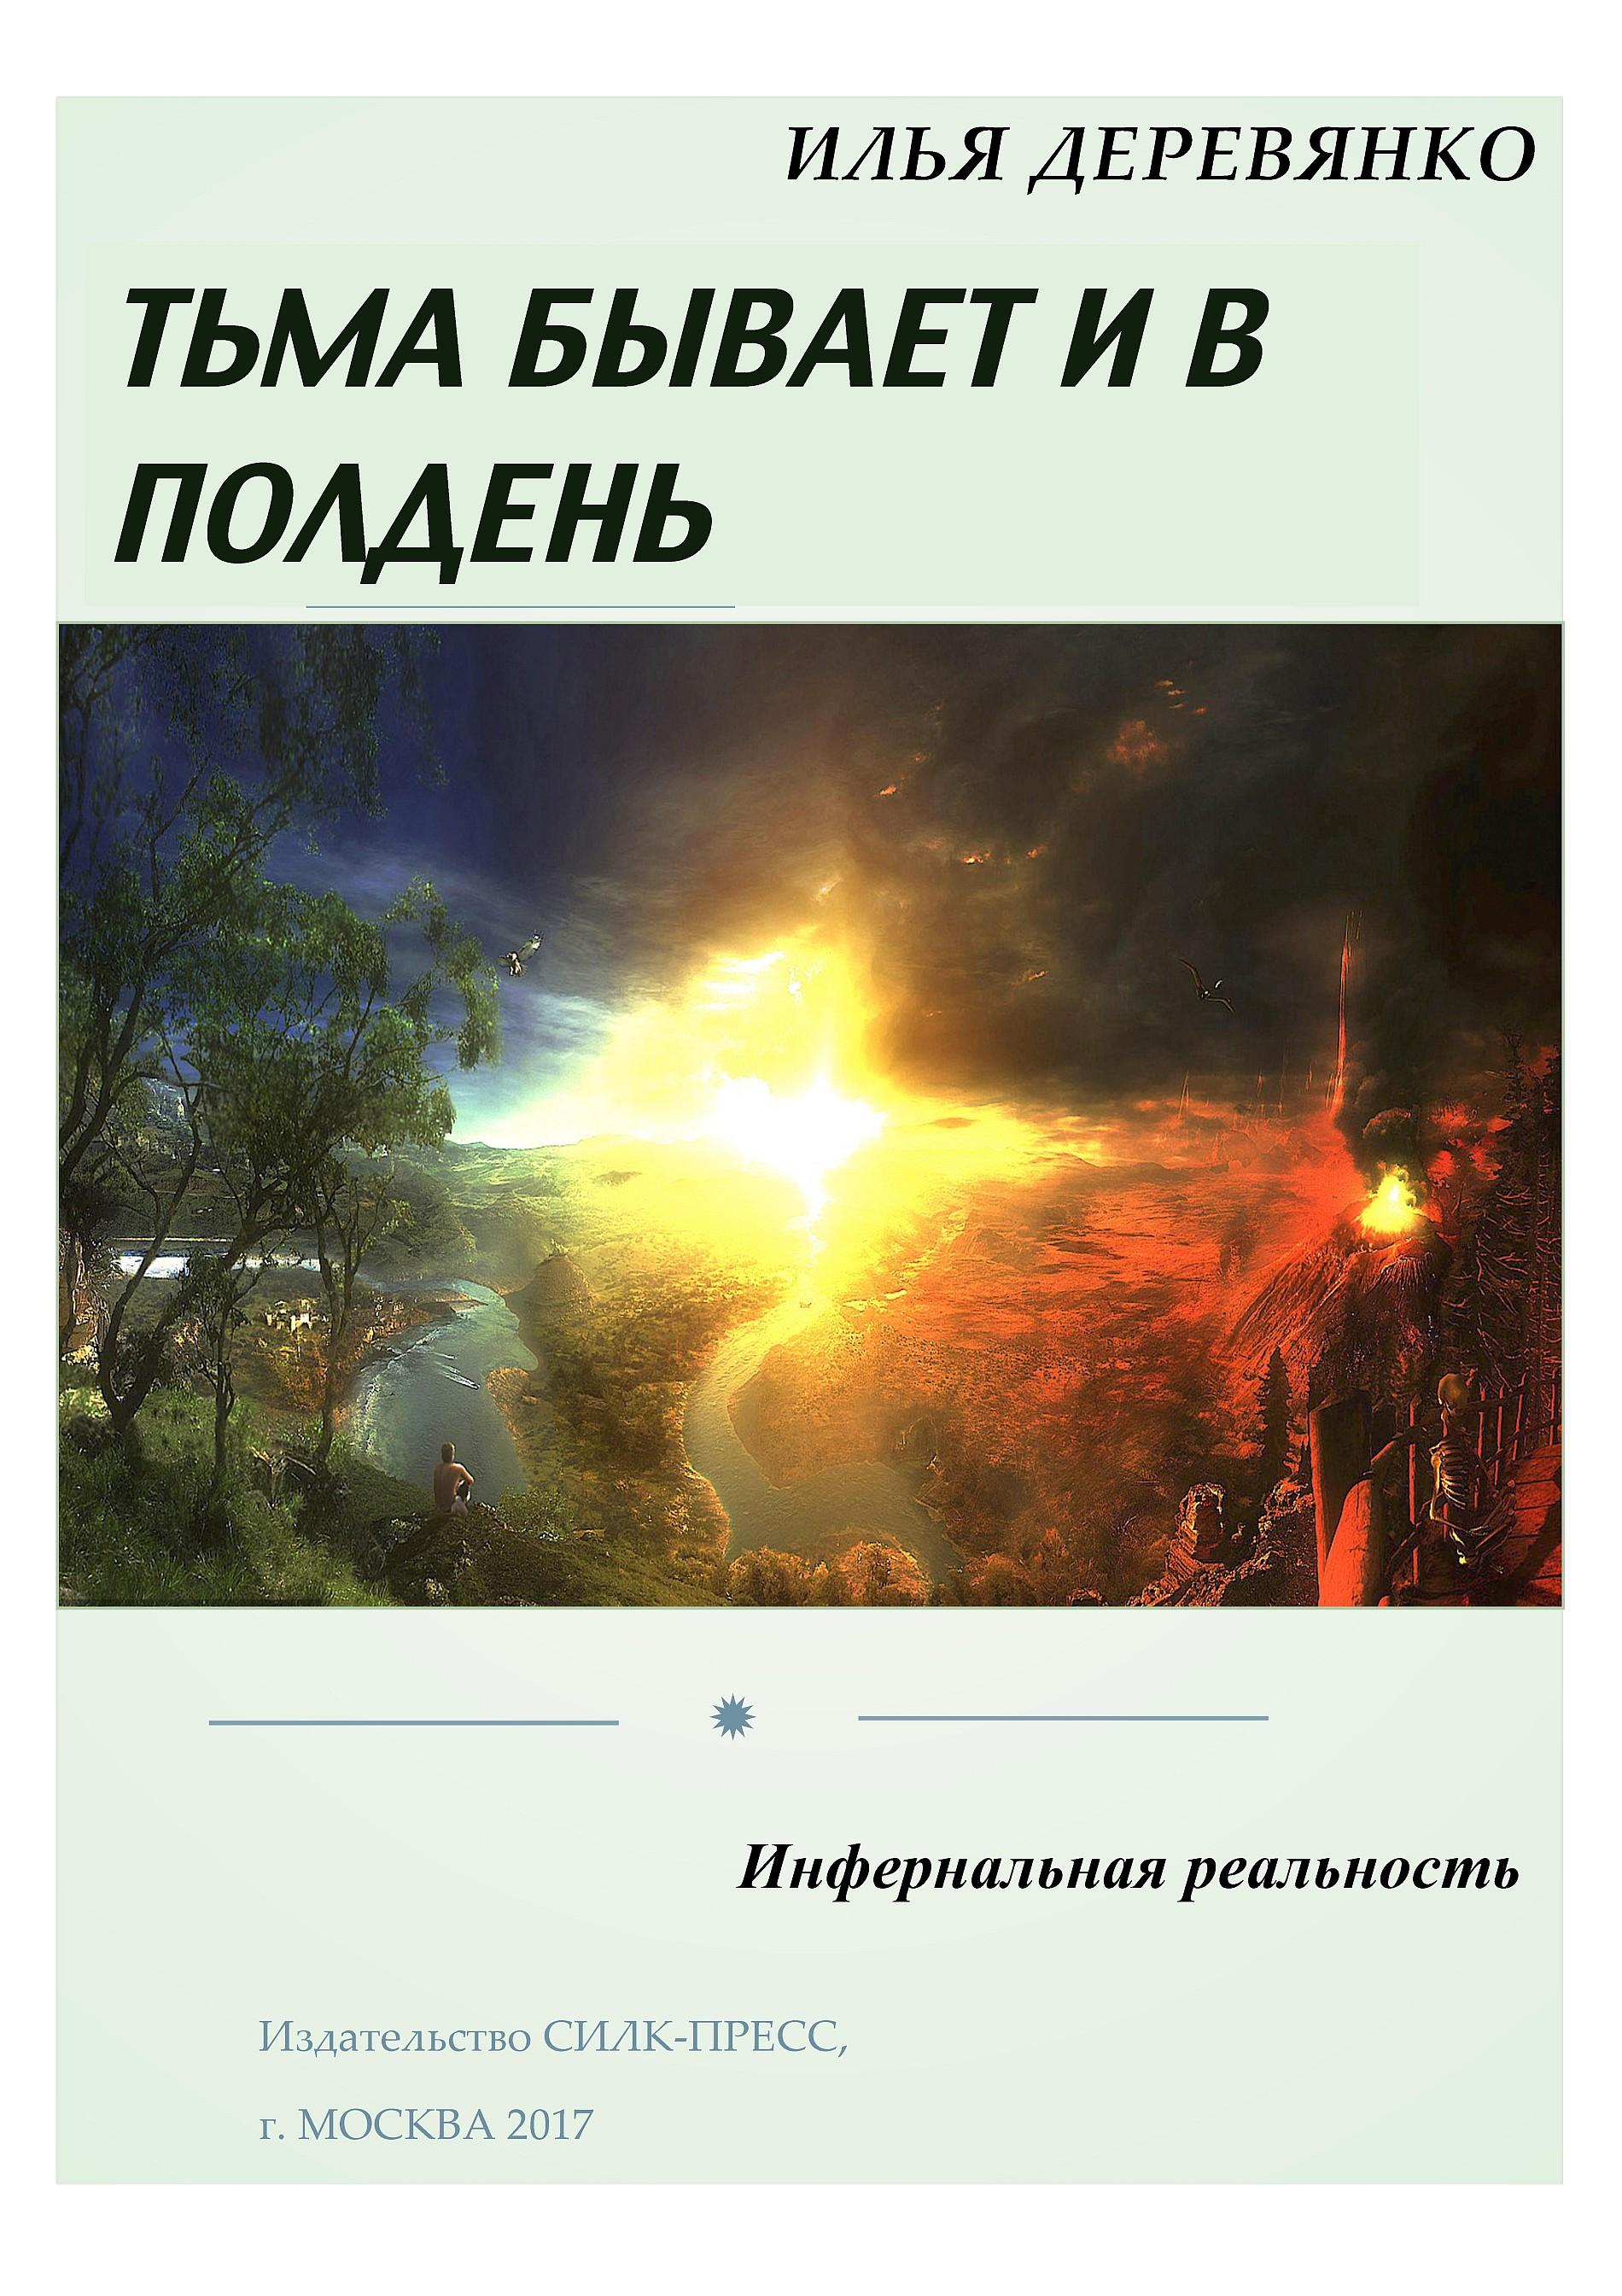 Илья Деревянко Инфернальная реальность илья деревянко кащеева могила